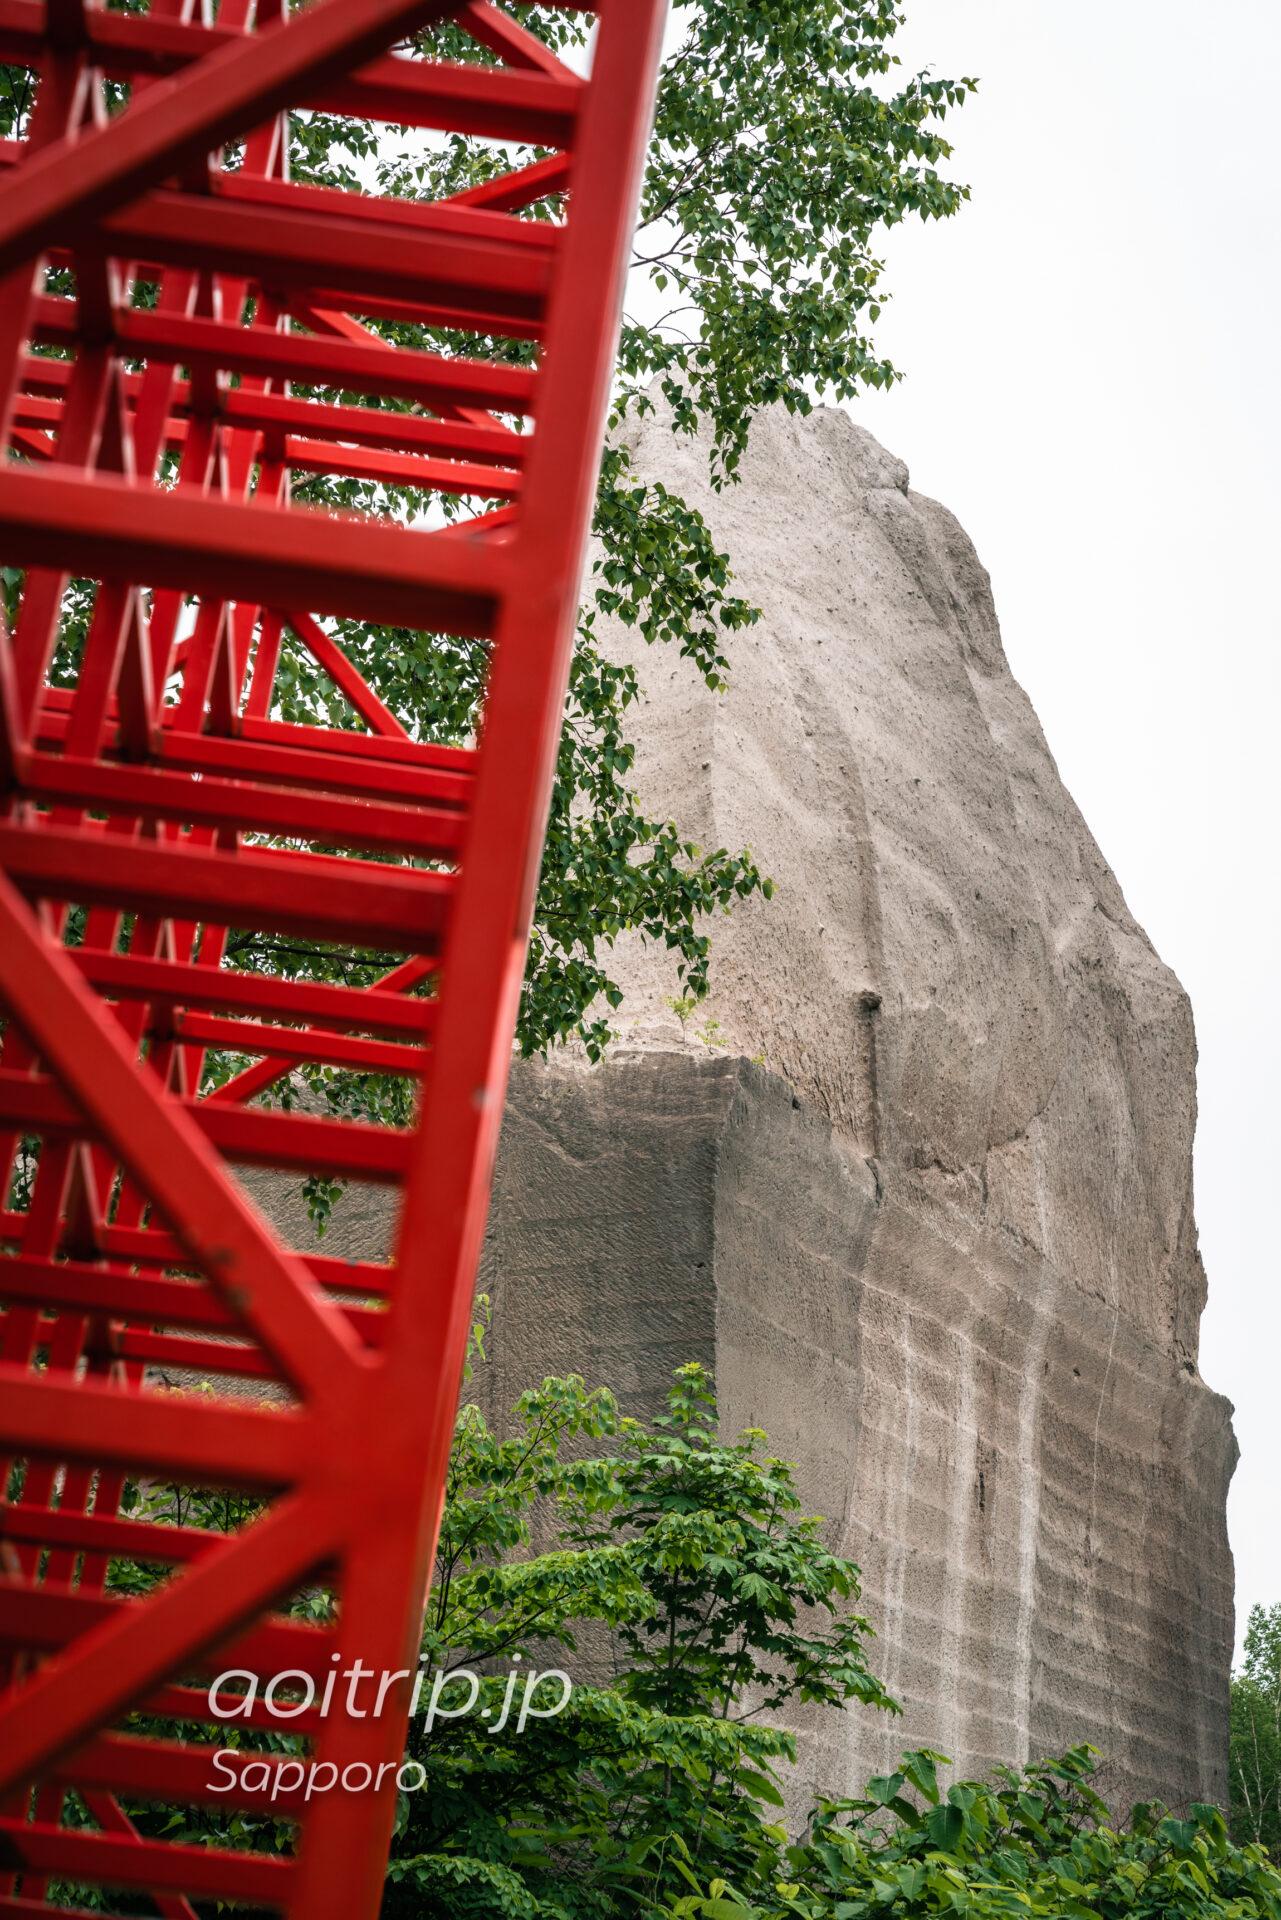 札幌 石山緑地の赤い空の箱